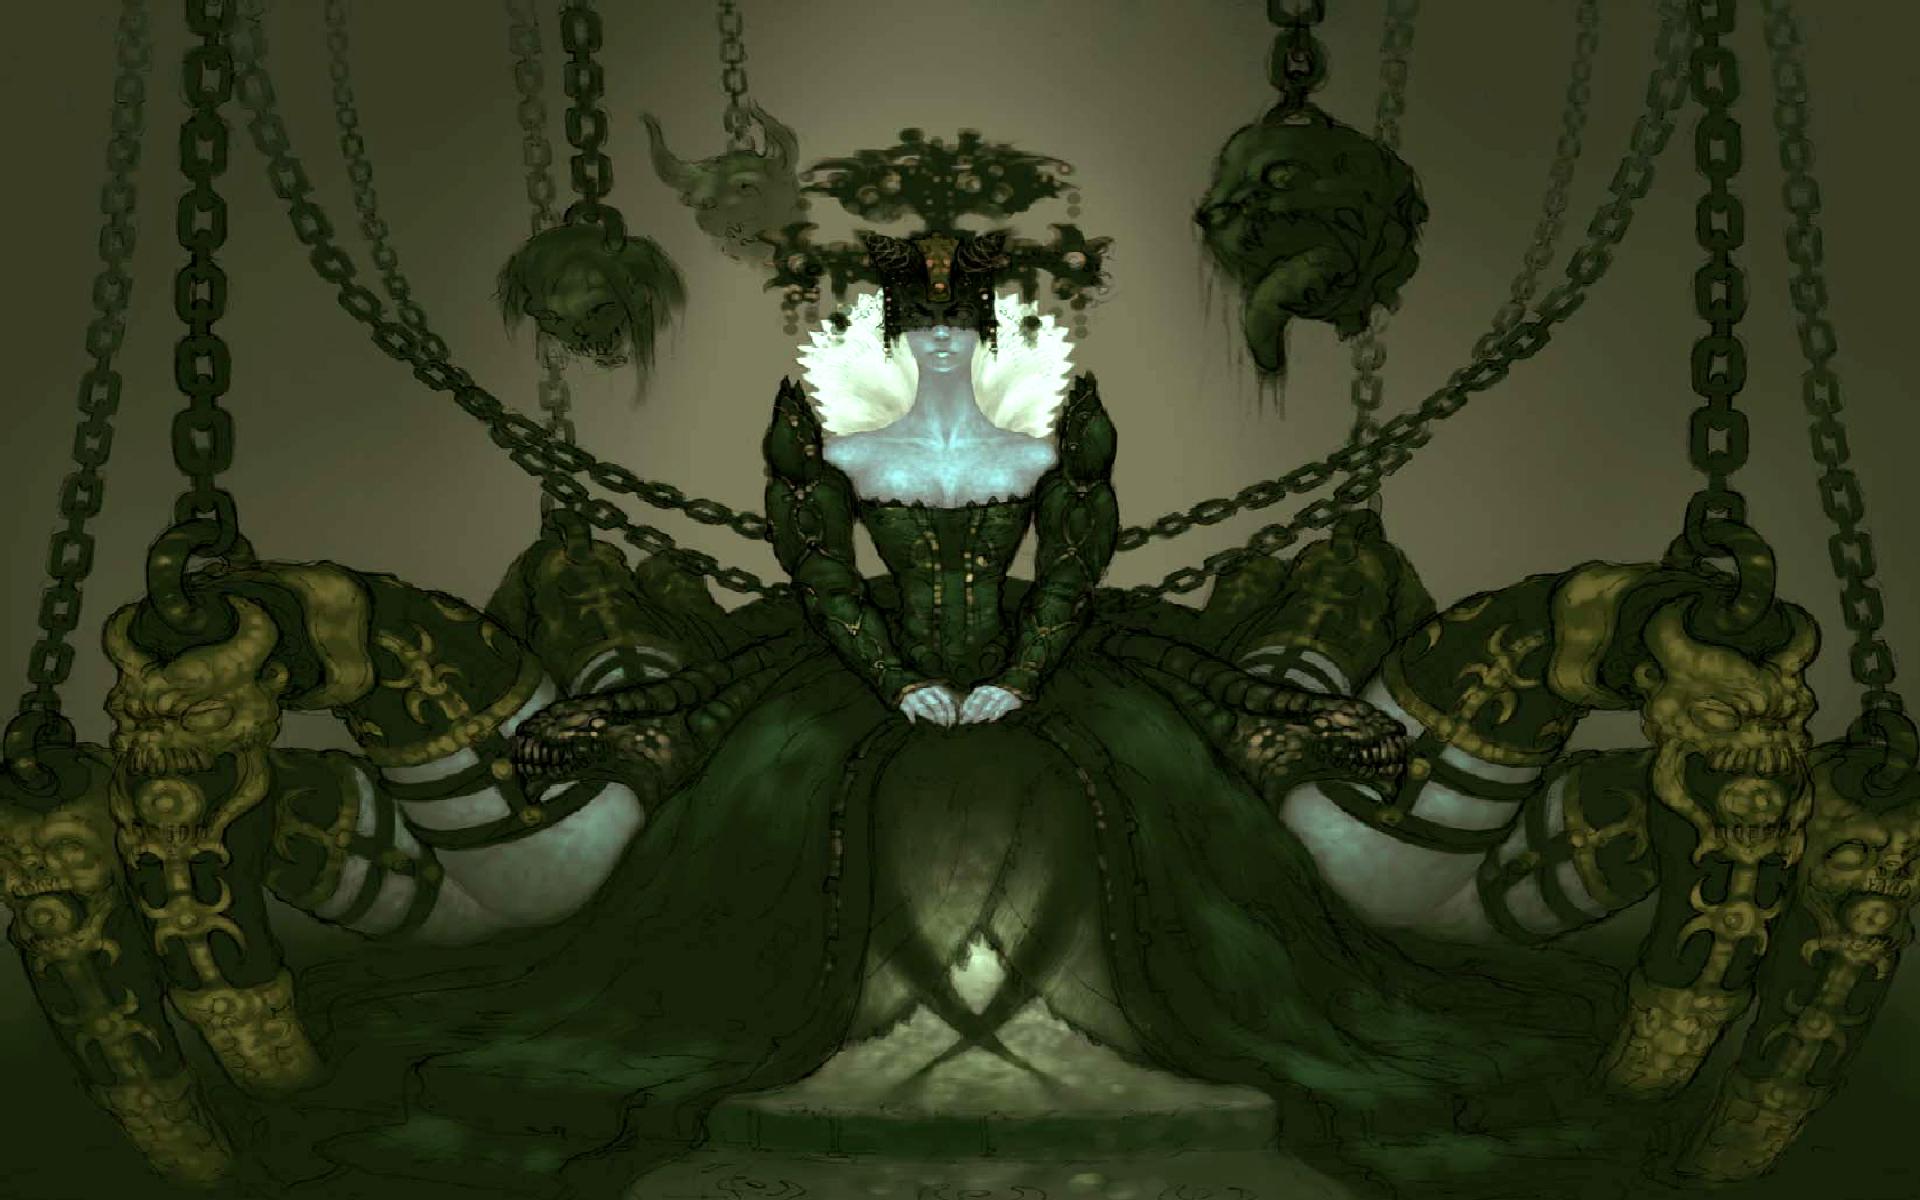 Videojuego - Diablo III  Cydaea (Diablo III) Demonio Oculto Fondo de Pantalla